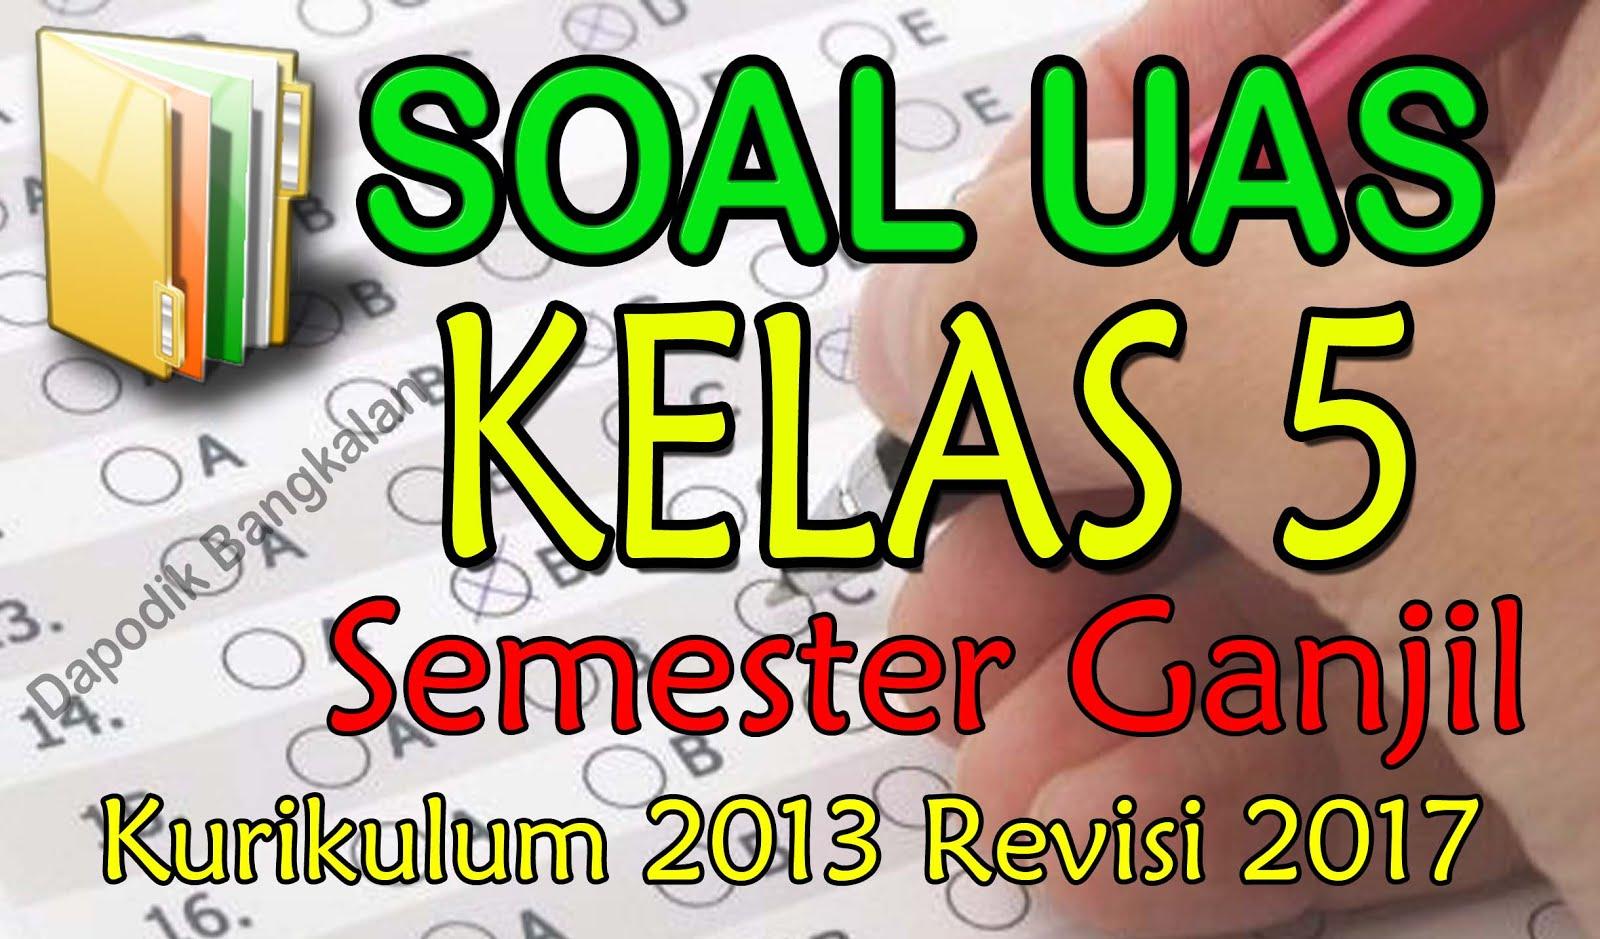 Soal UAS Kelas 5 Kurikulum 2013 Revisi 2017 Semester Ganjil